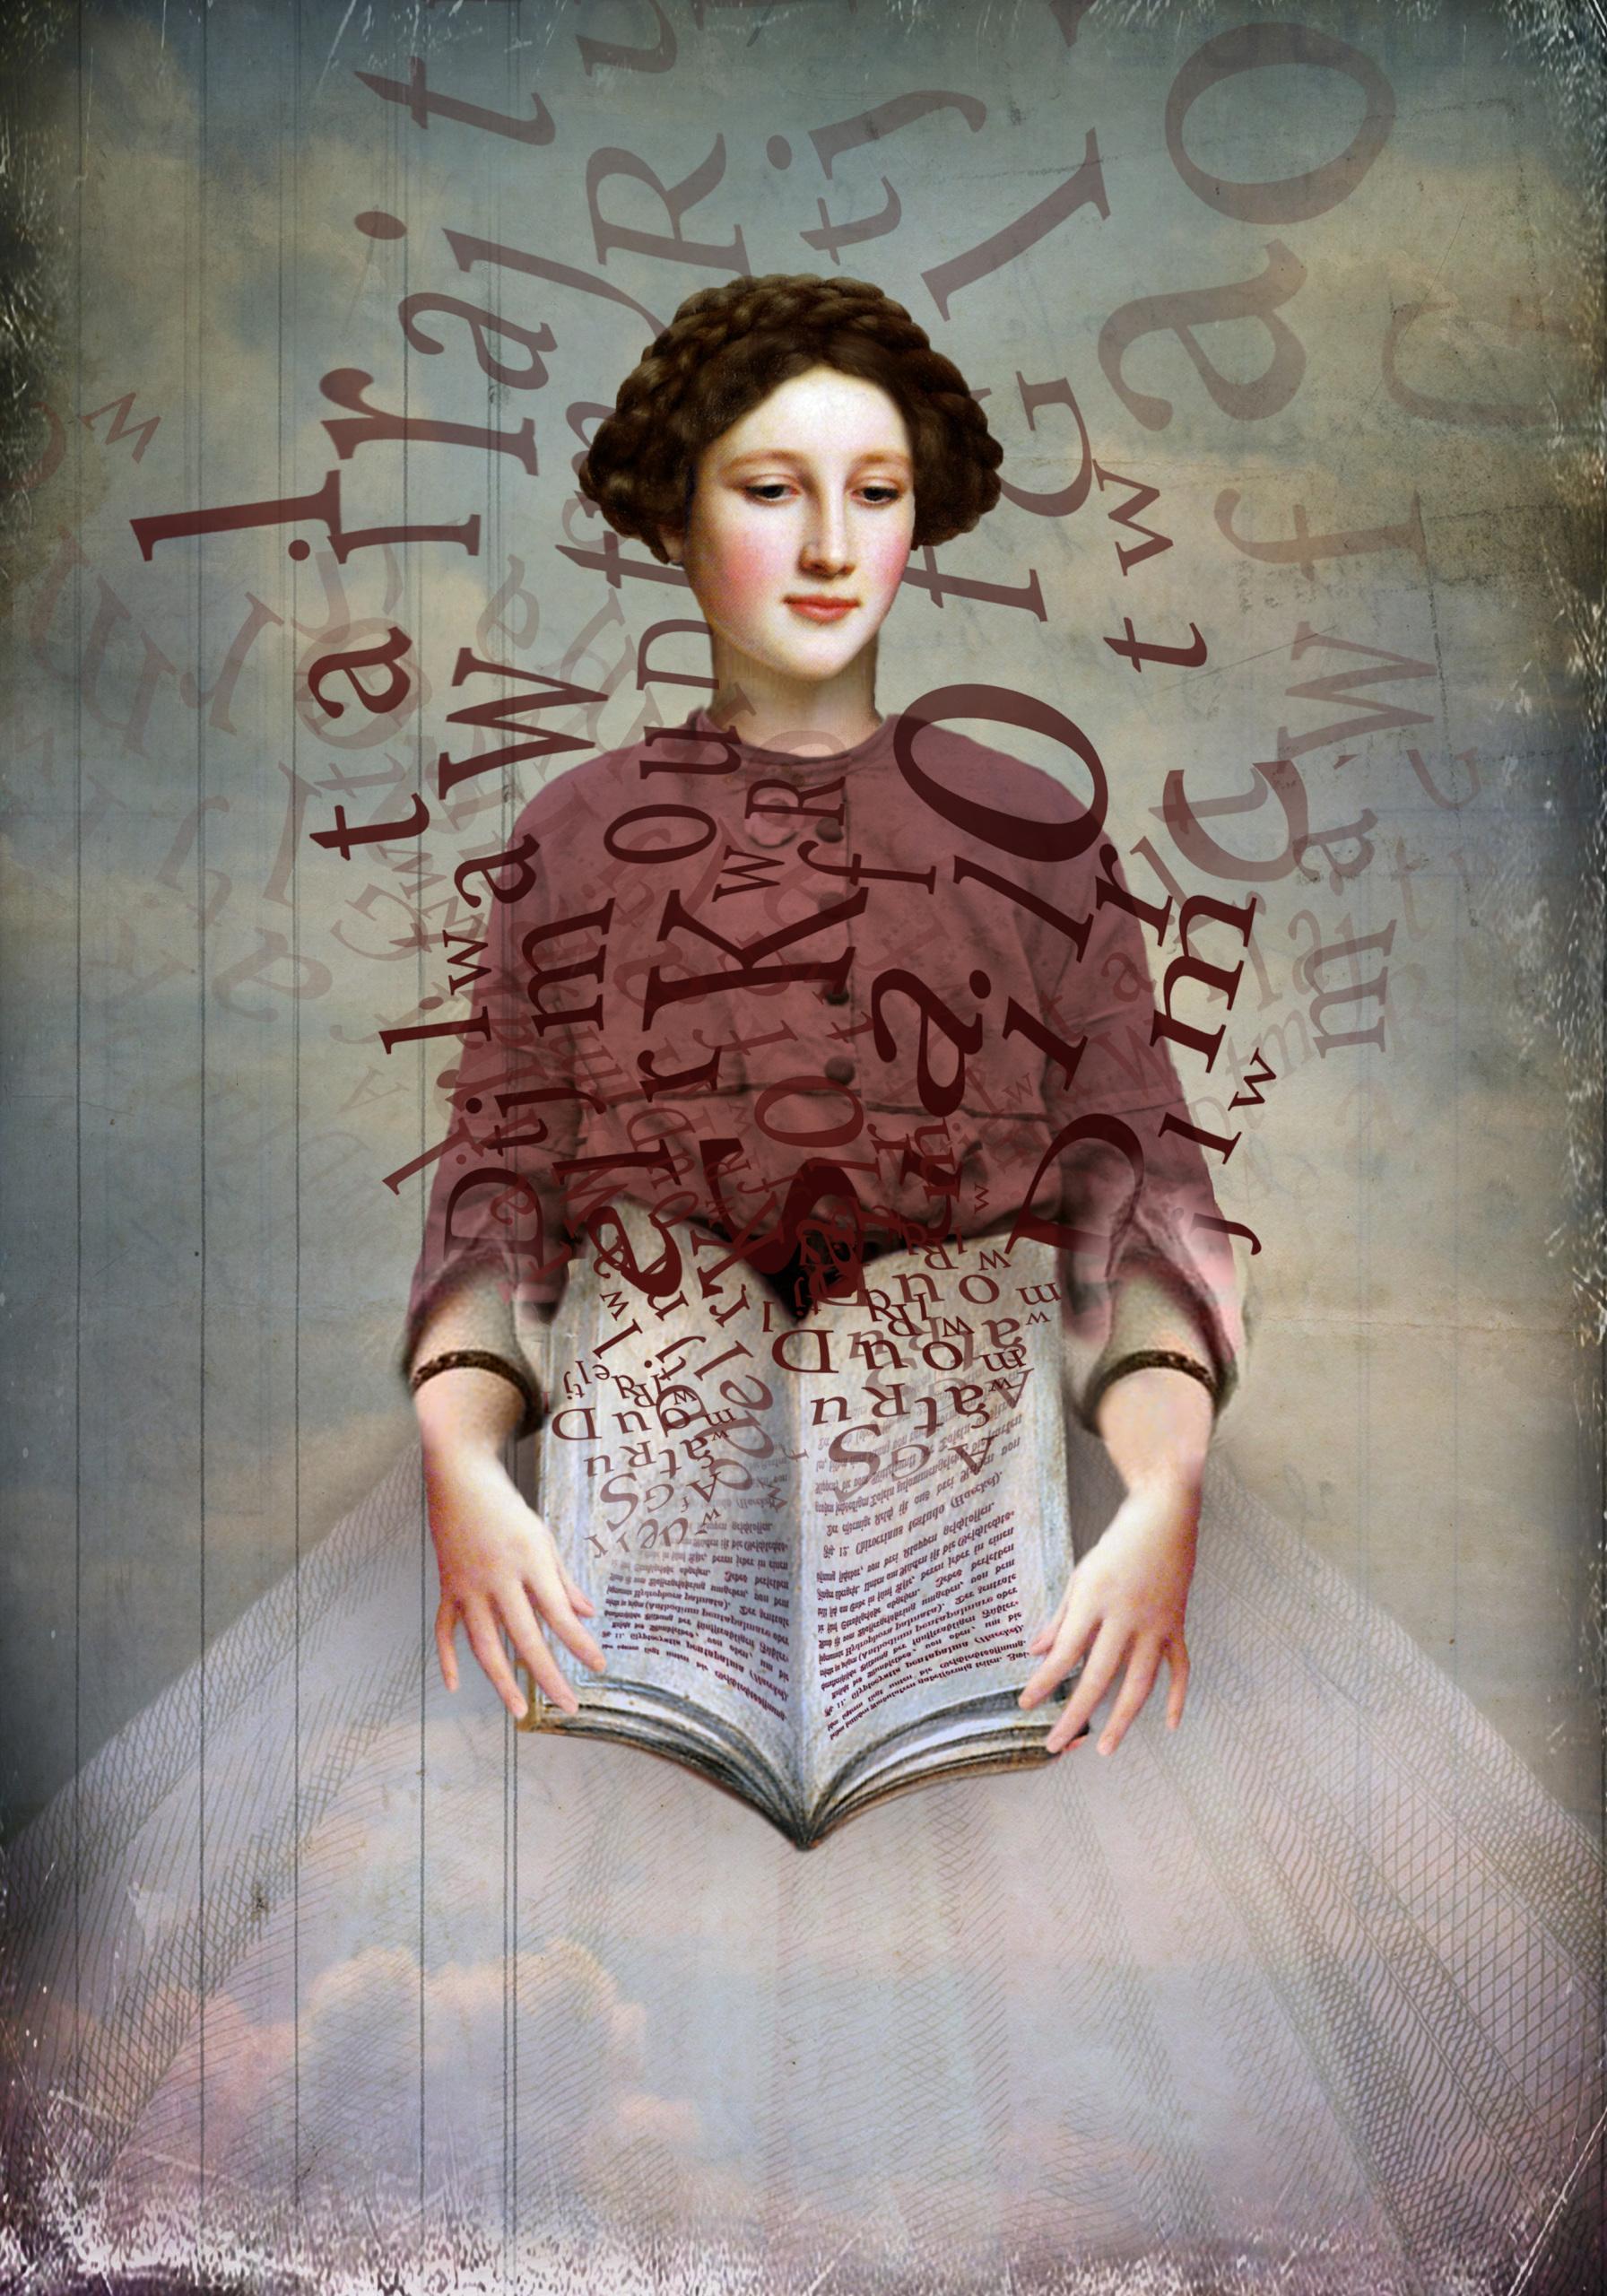 Catrin Welz-Stein, The storybook, source : catrinwelzstein.blogspot.be